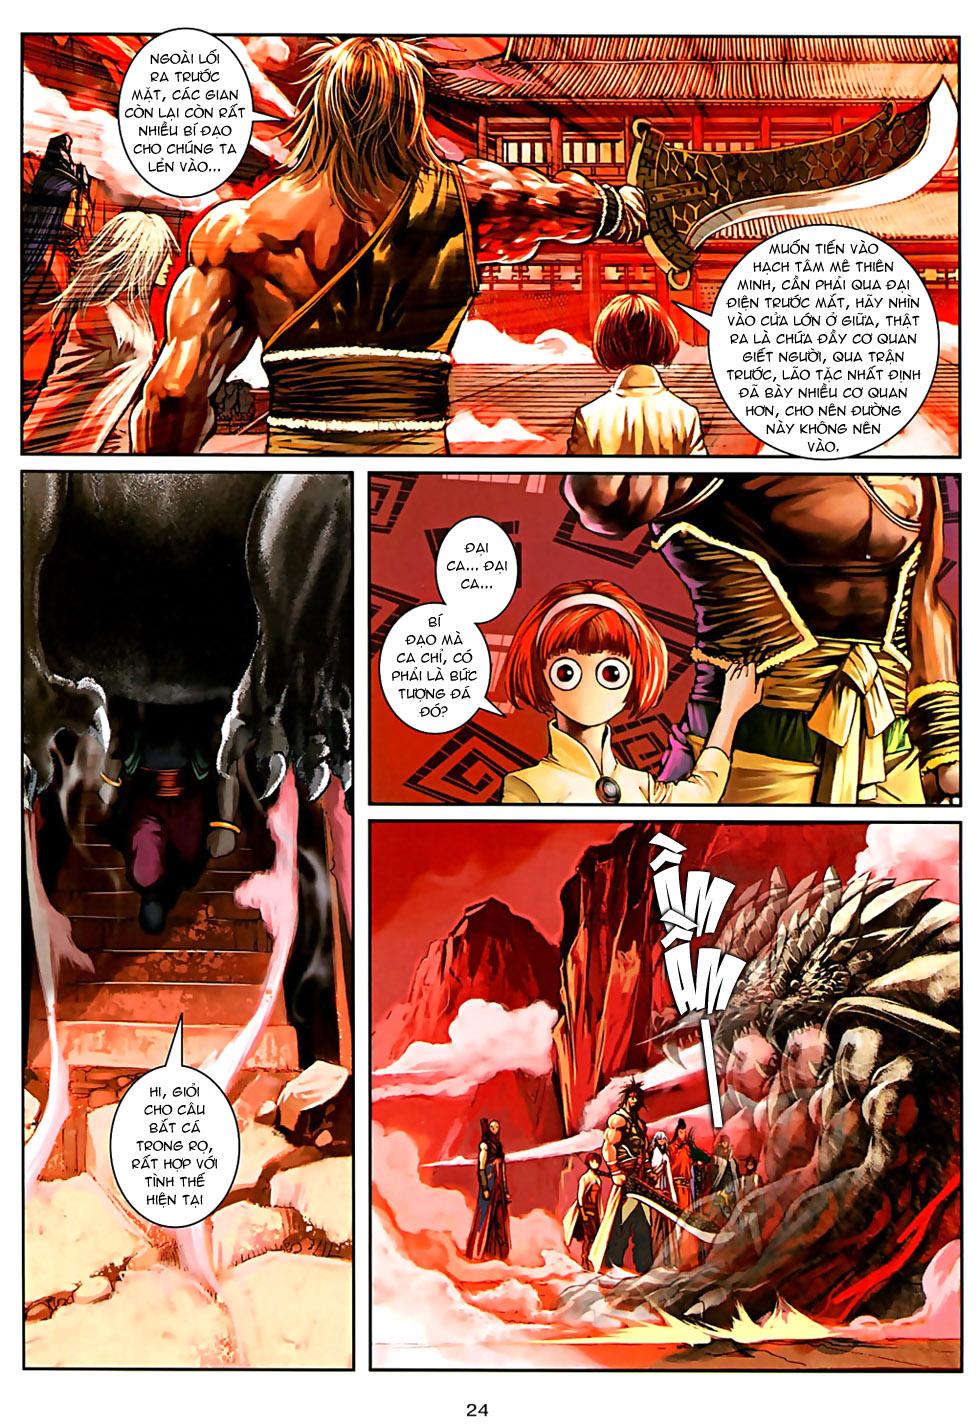 Ôn Thuỵ An Quần Hiệp Truyện Phần 2 chapter 32 trang 22